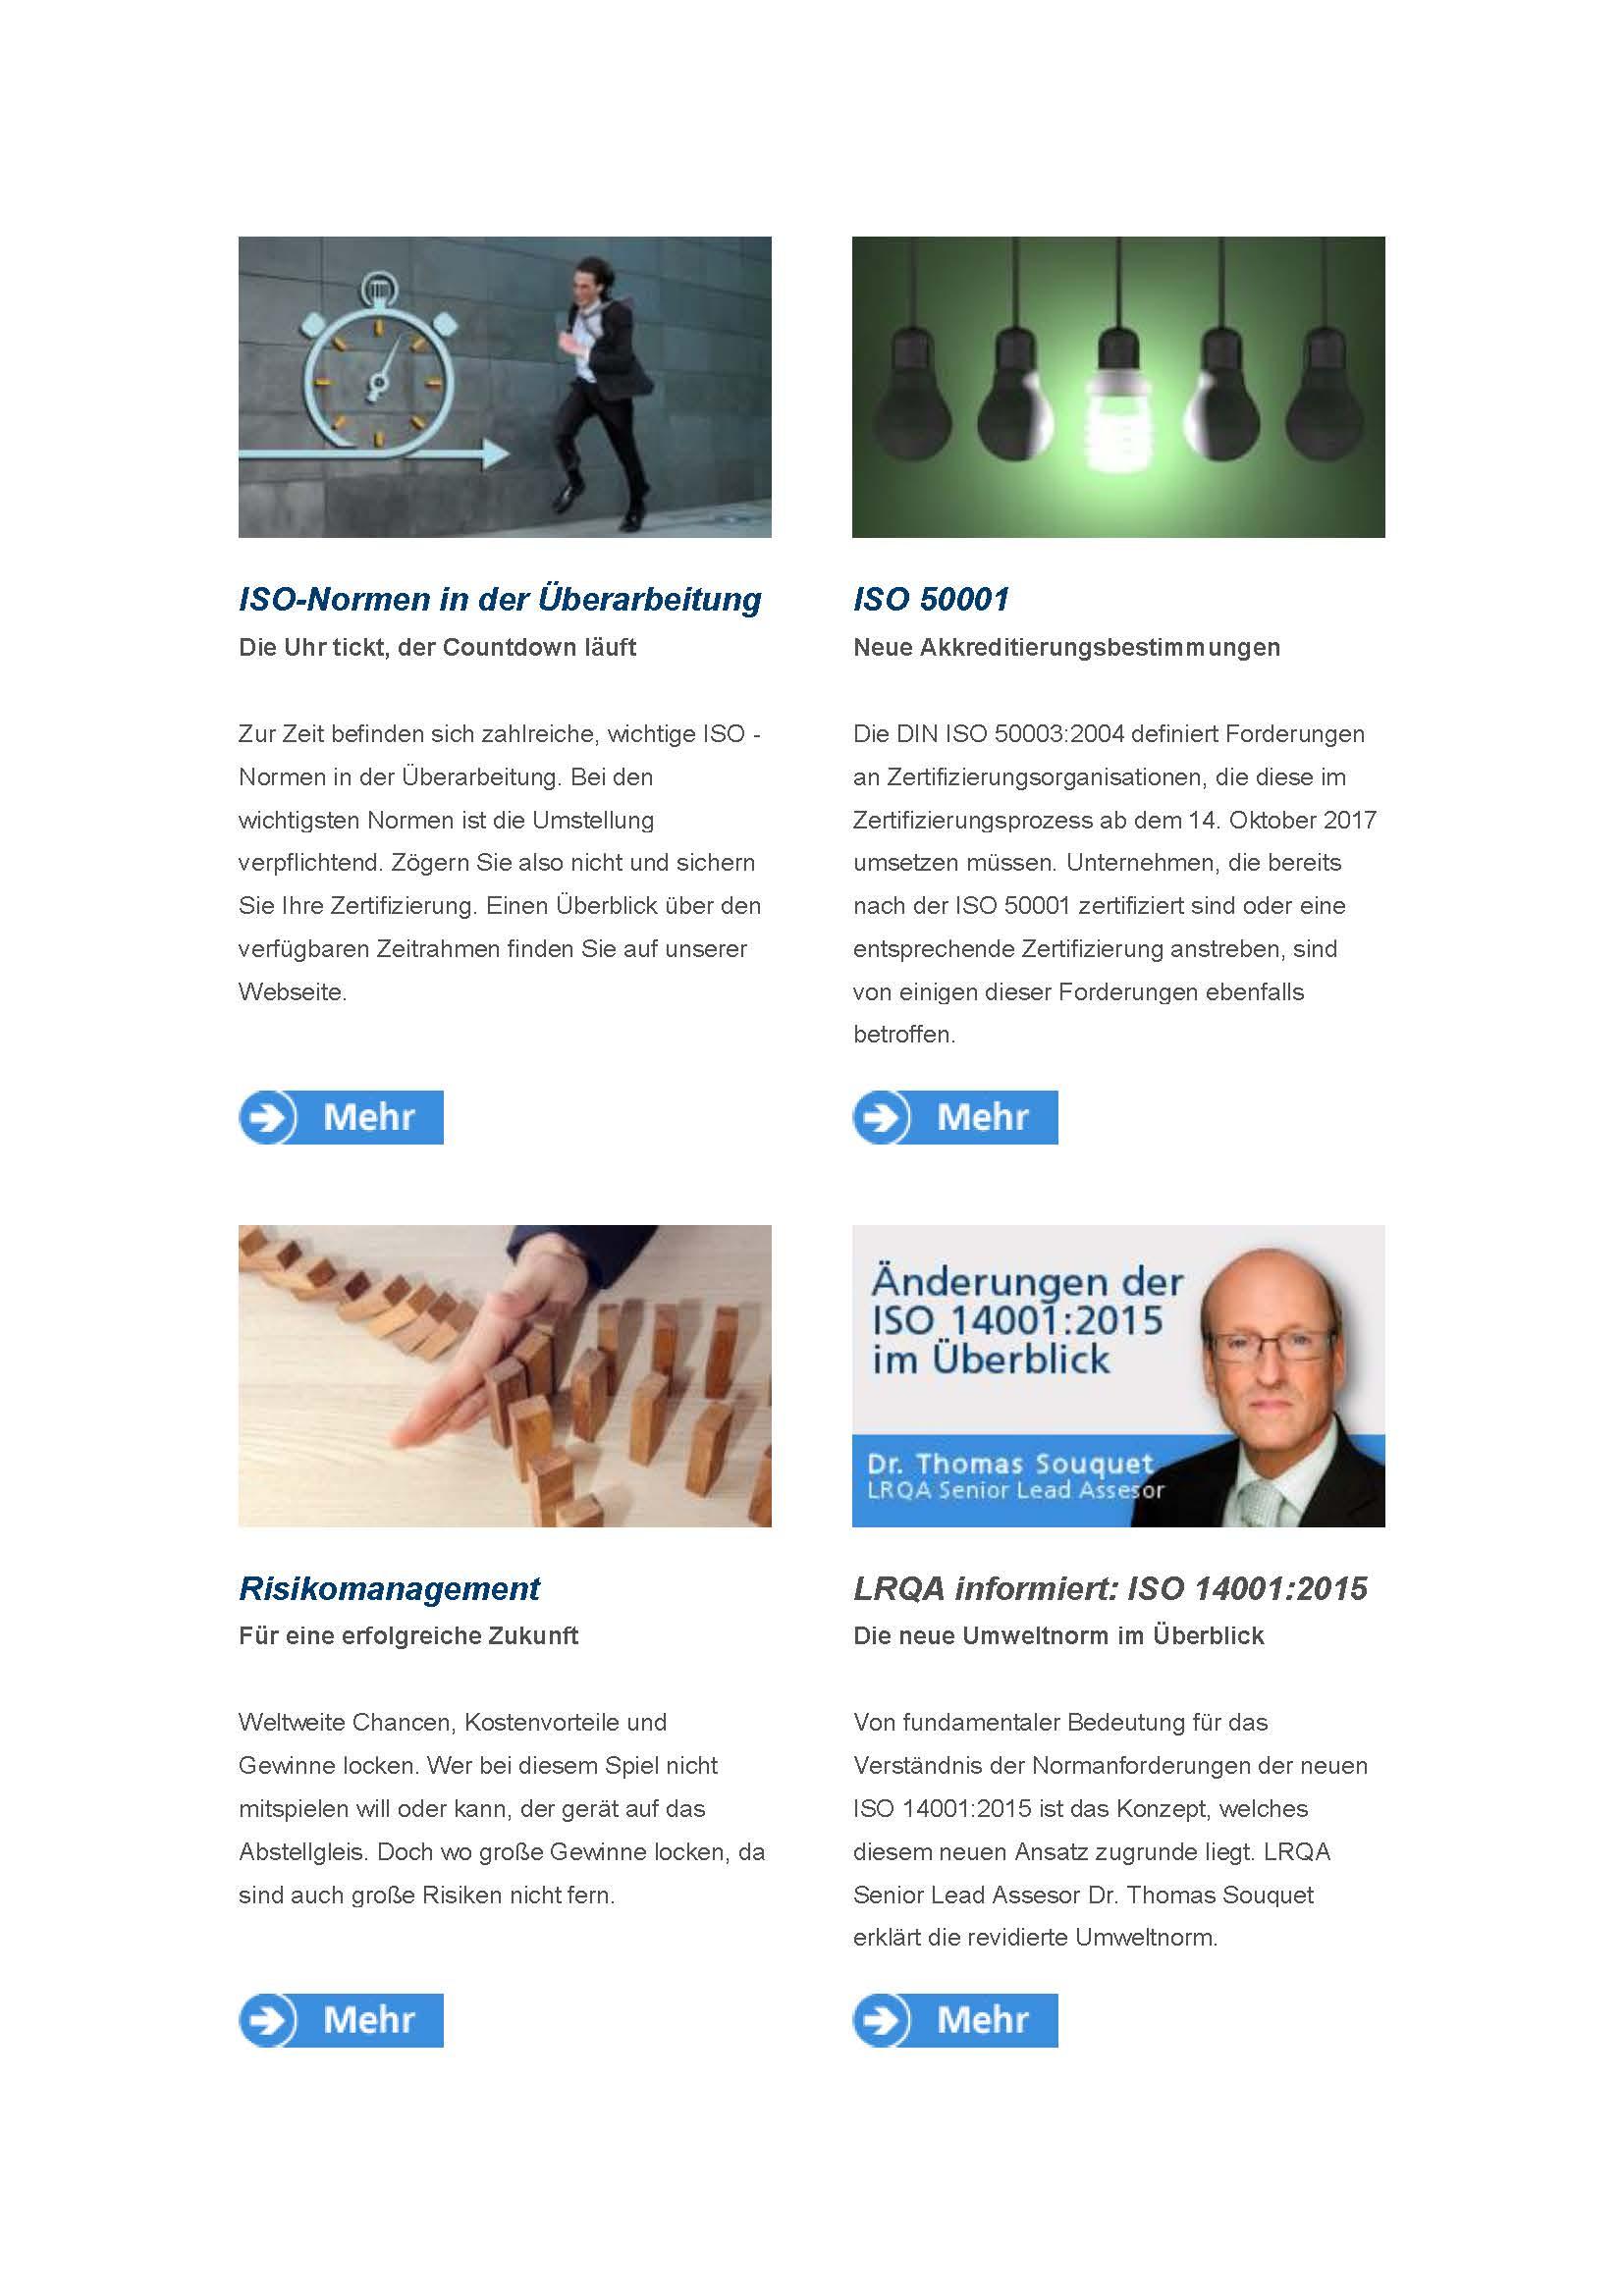 Der hochwertige, innnovative LRQA Newsdienst ab sofort erhältlich